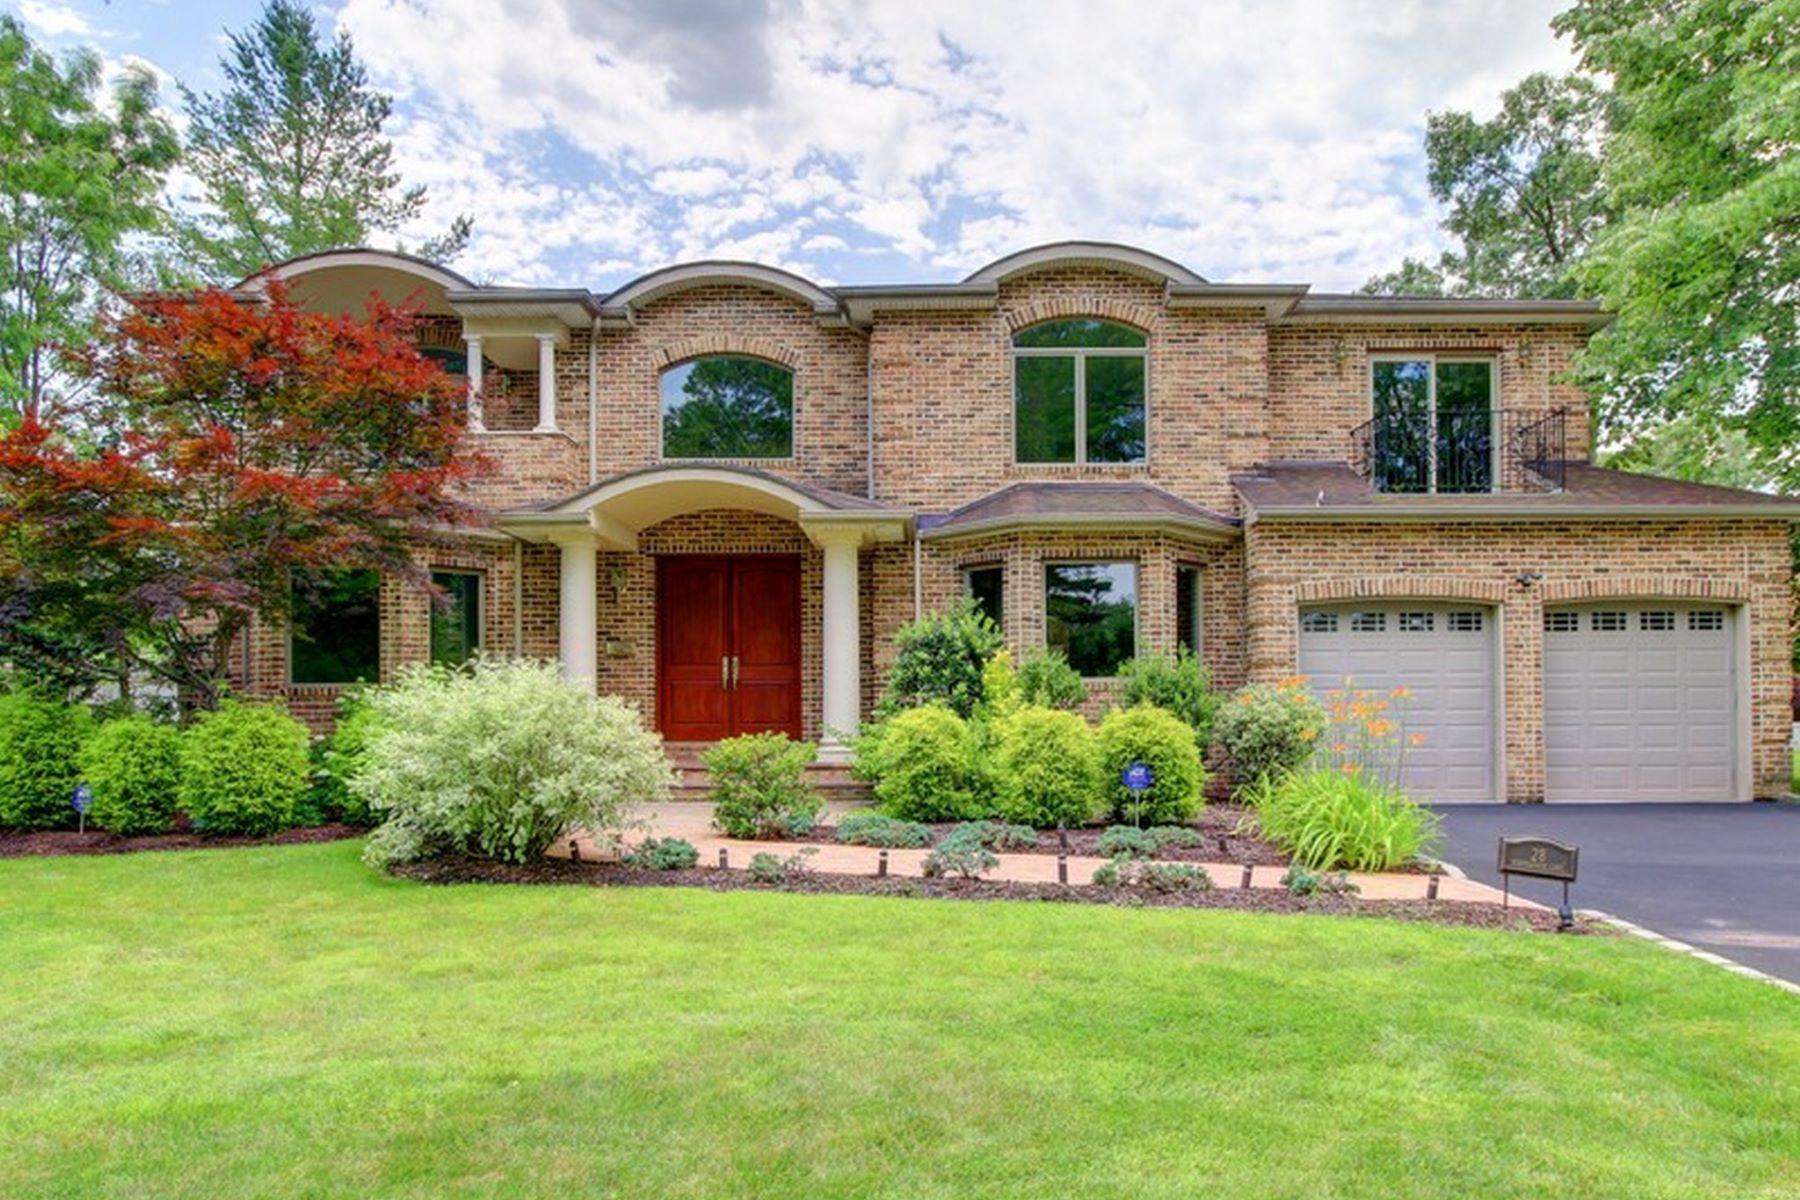 独户住宅 为 销售 在 28 Schoolhouse Ln , Roslyn Heights, NY 11577 28 Schoolhouse Ln, 罗斯林高地, 纽约州, 11577 美国